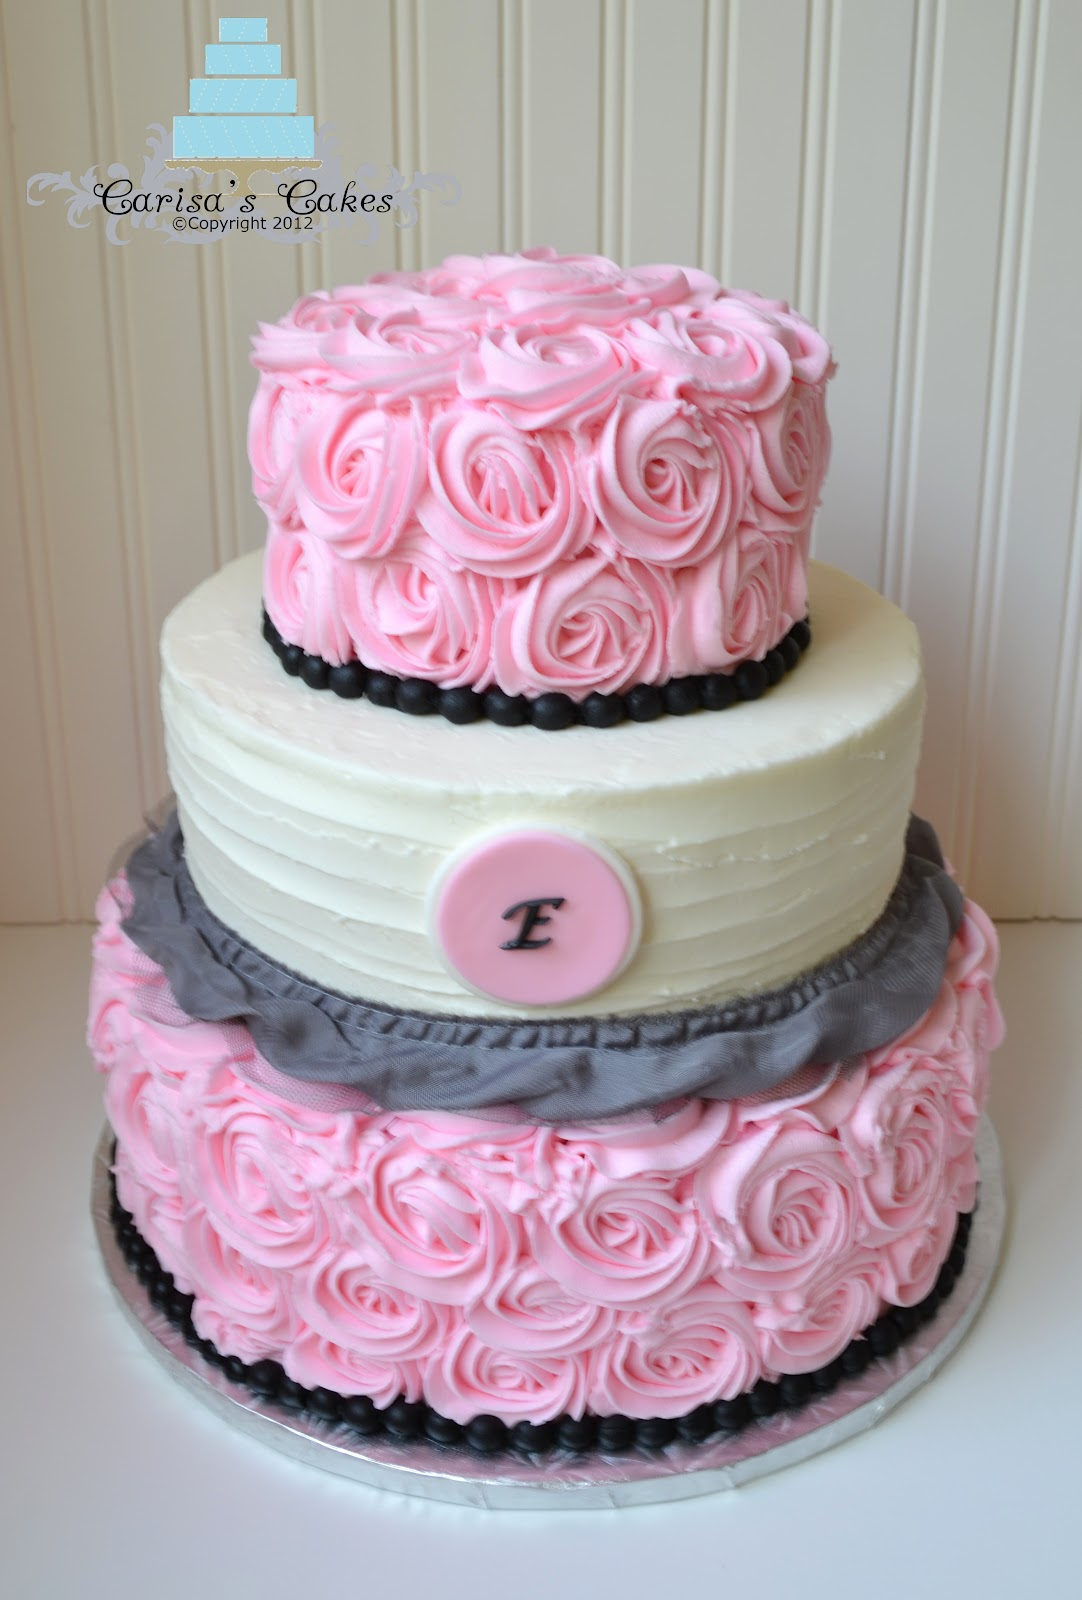 Carisas Cakes